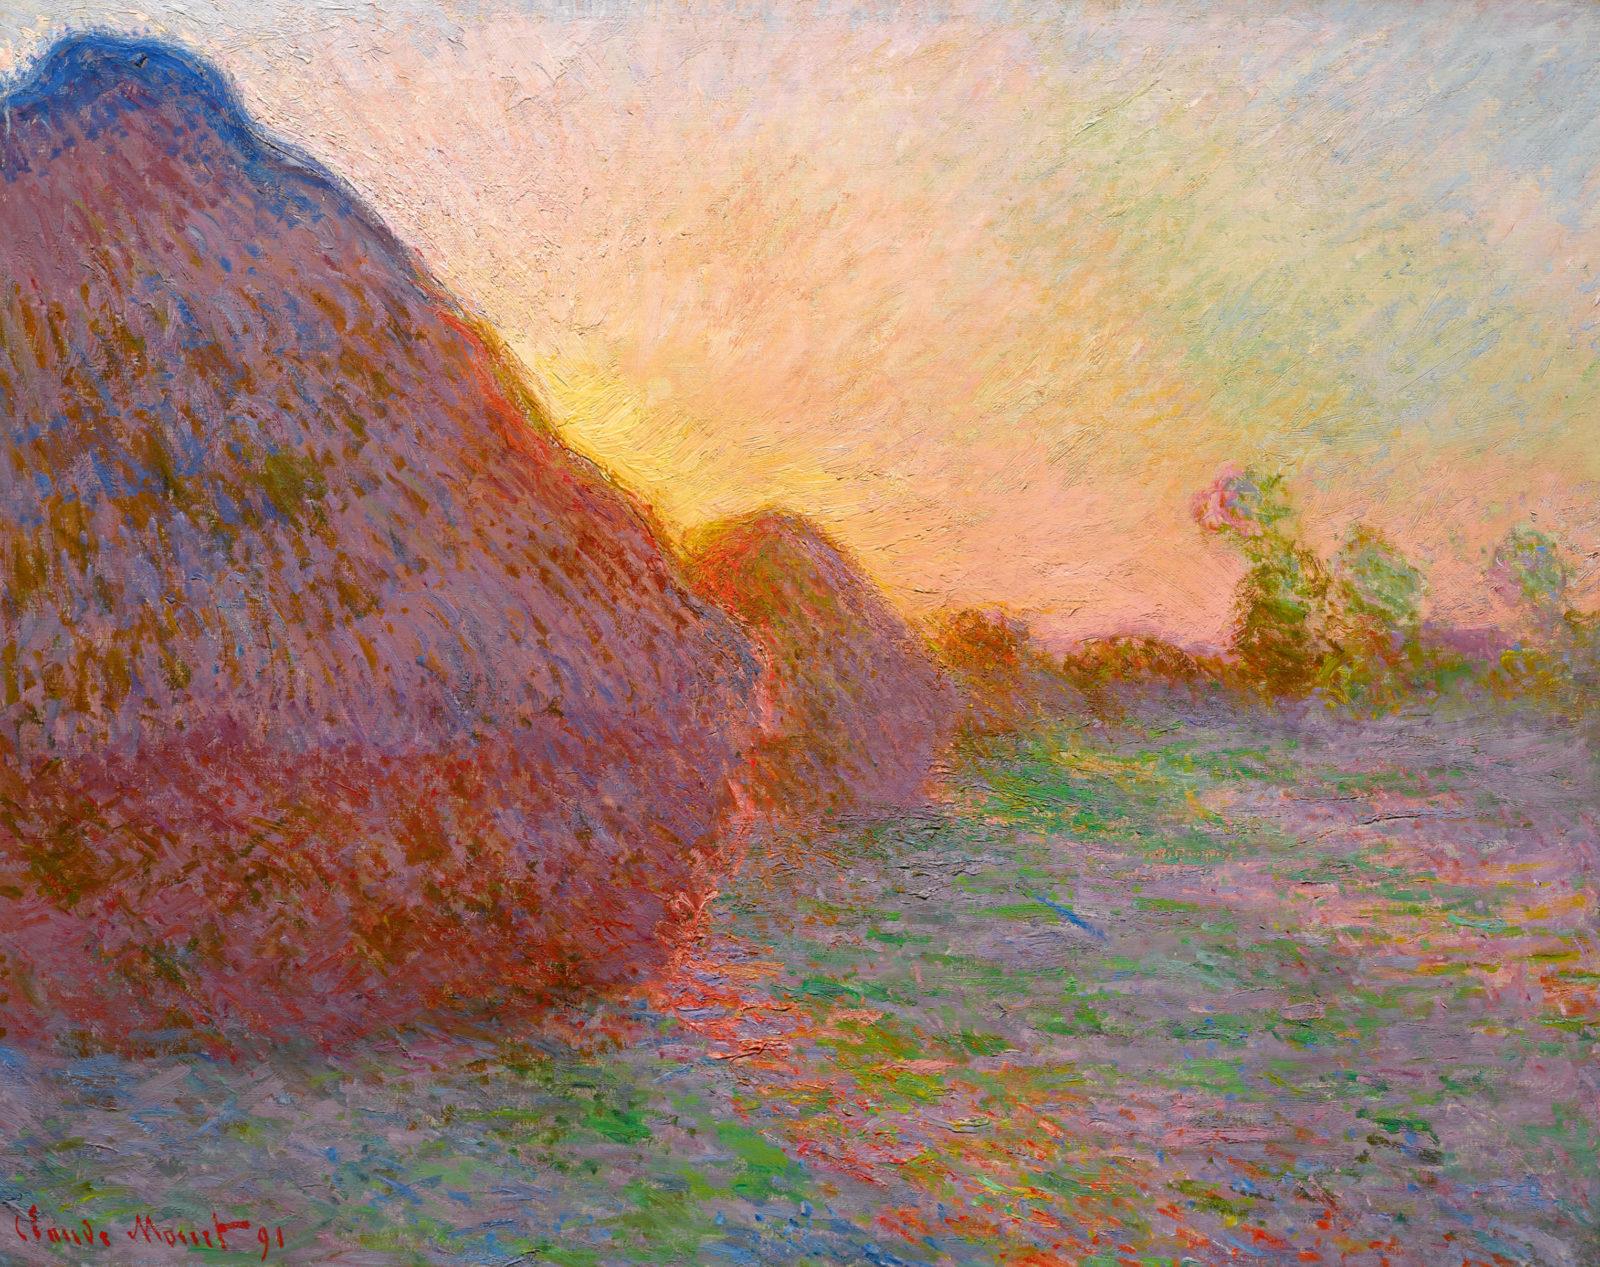 Megmutatjuk a világ legdrágább impresszionista festményét